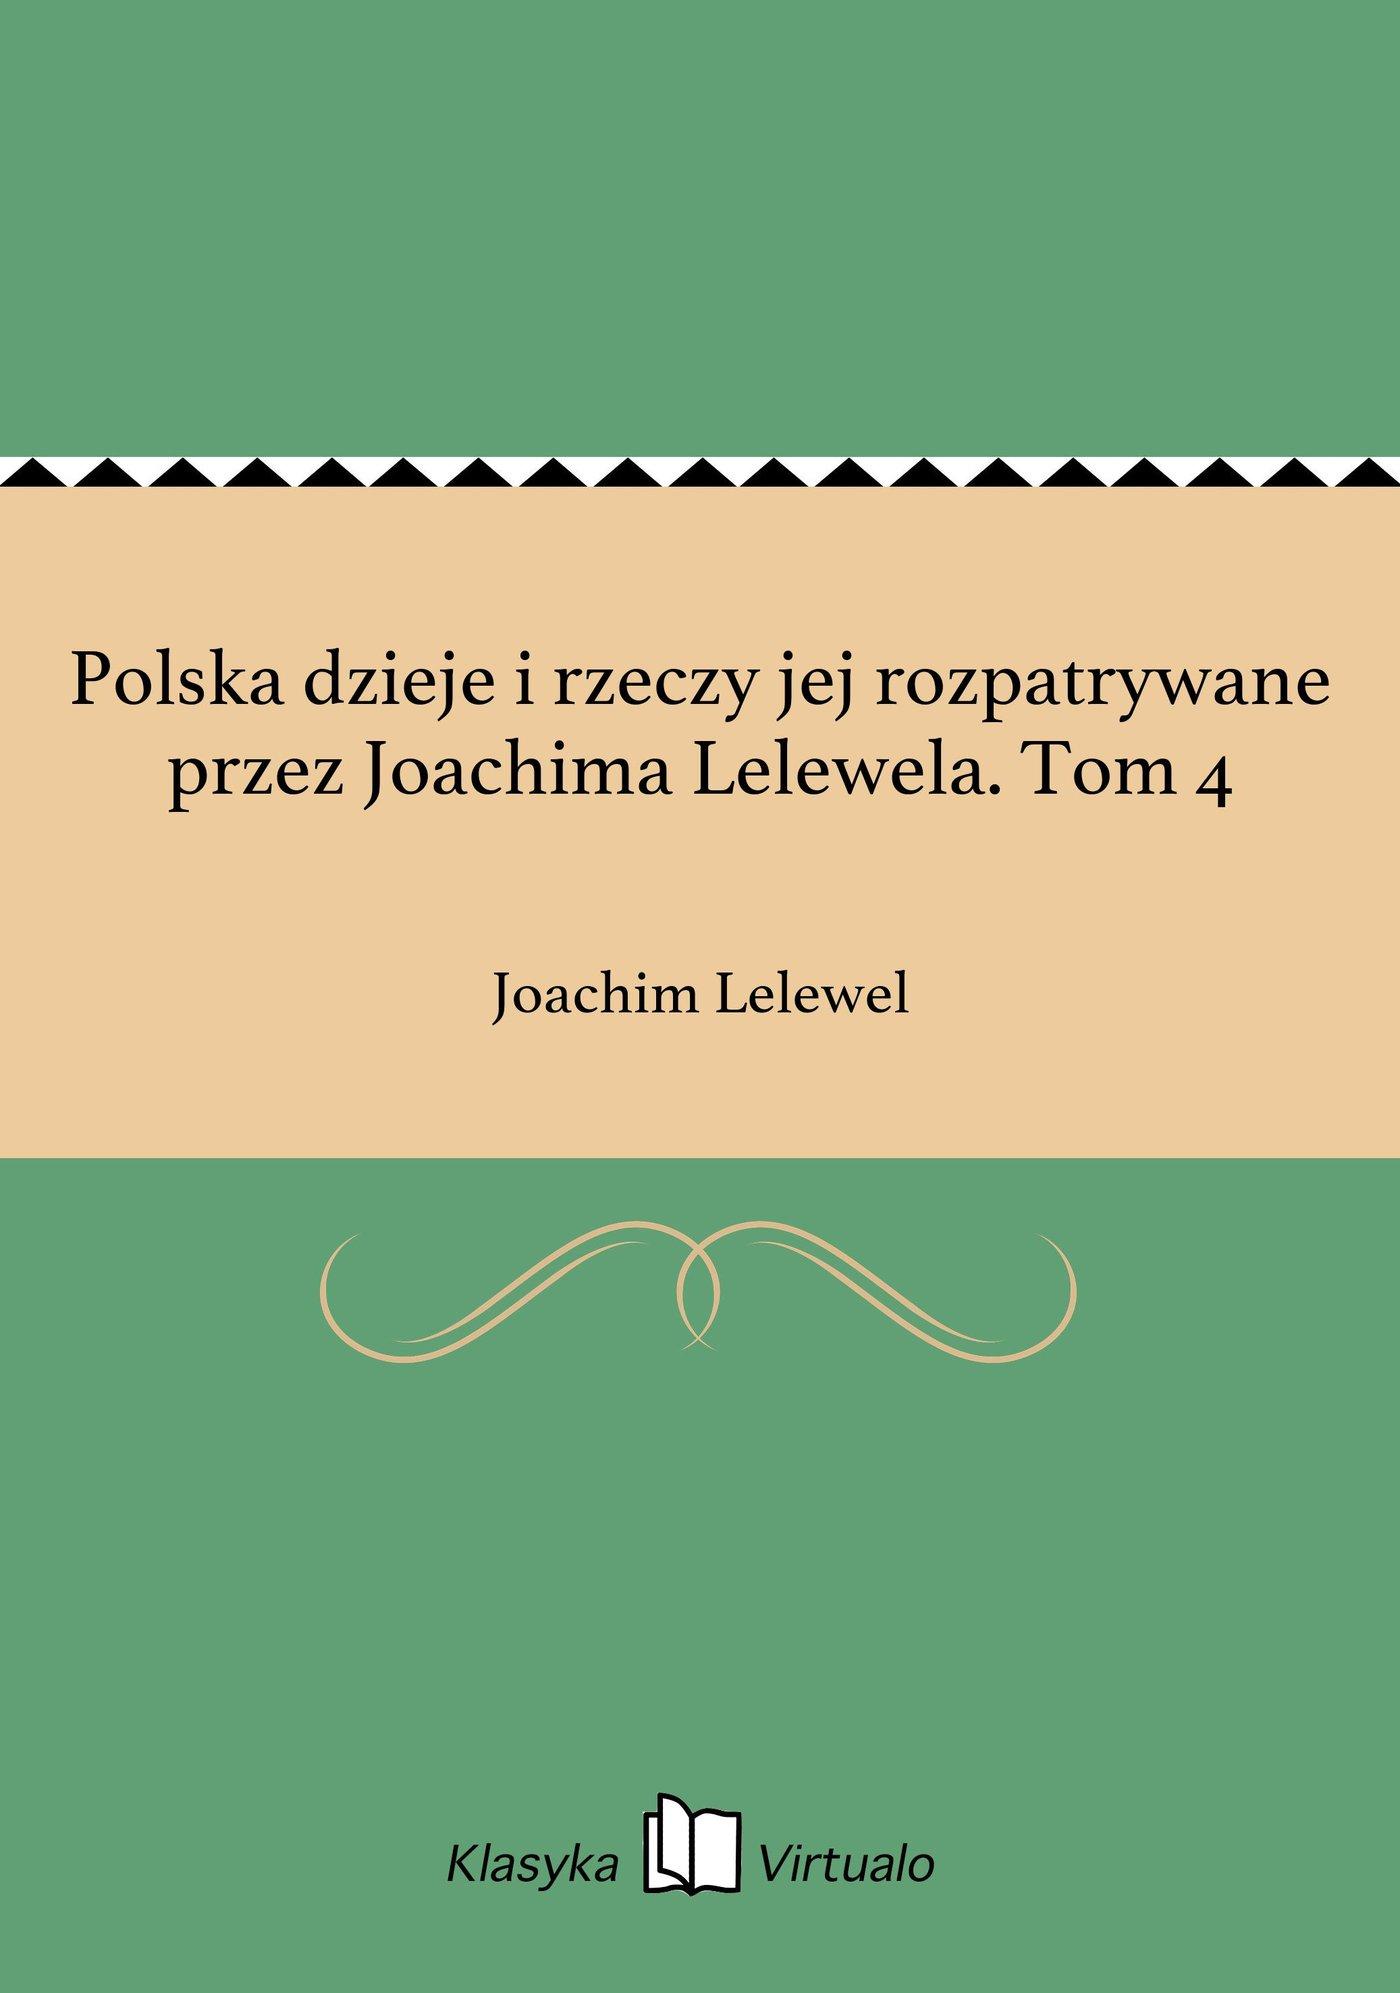 Polska dzieje i rzeczy jej rozpatrywane przez Joachima Lelewela. Tom 4 - Ebook (Książka na Kindle) do pobrania w formacie MOBI